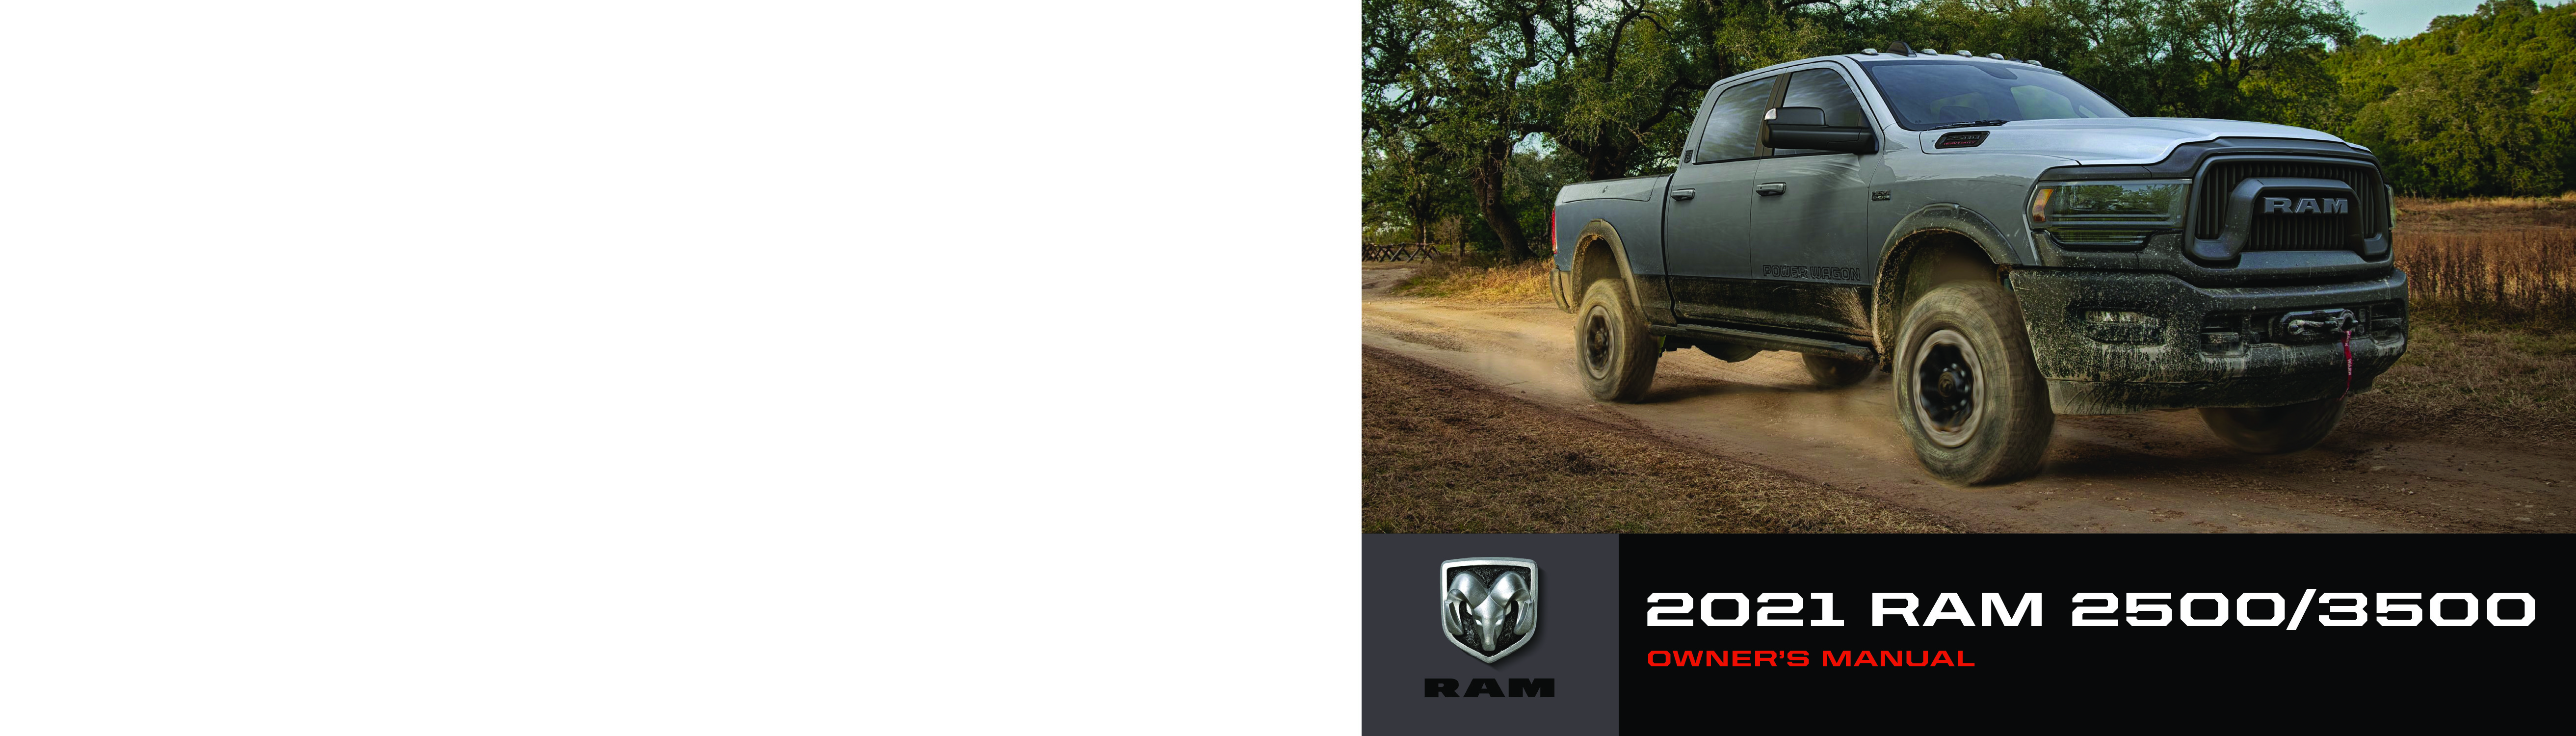 2021 RAM 2500 3500 owners manual